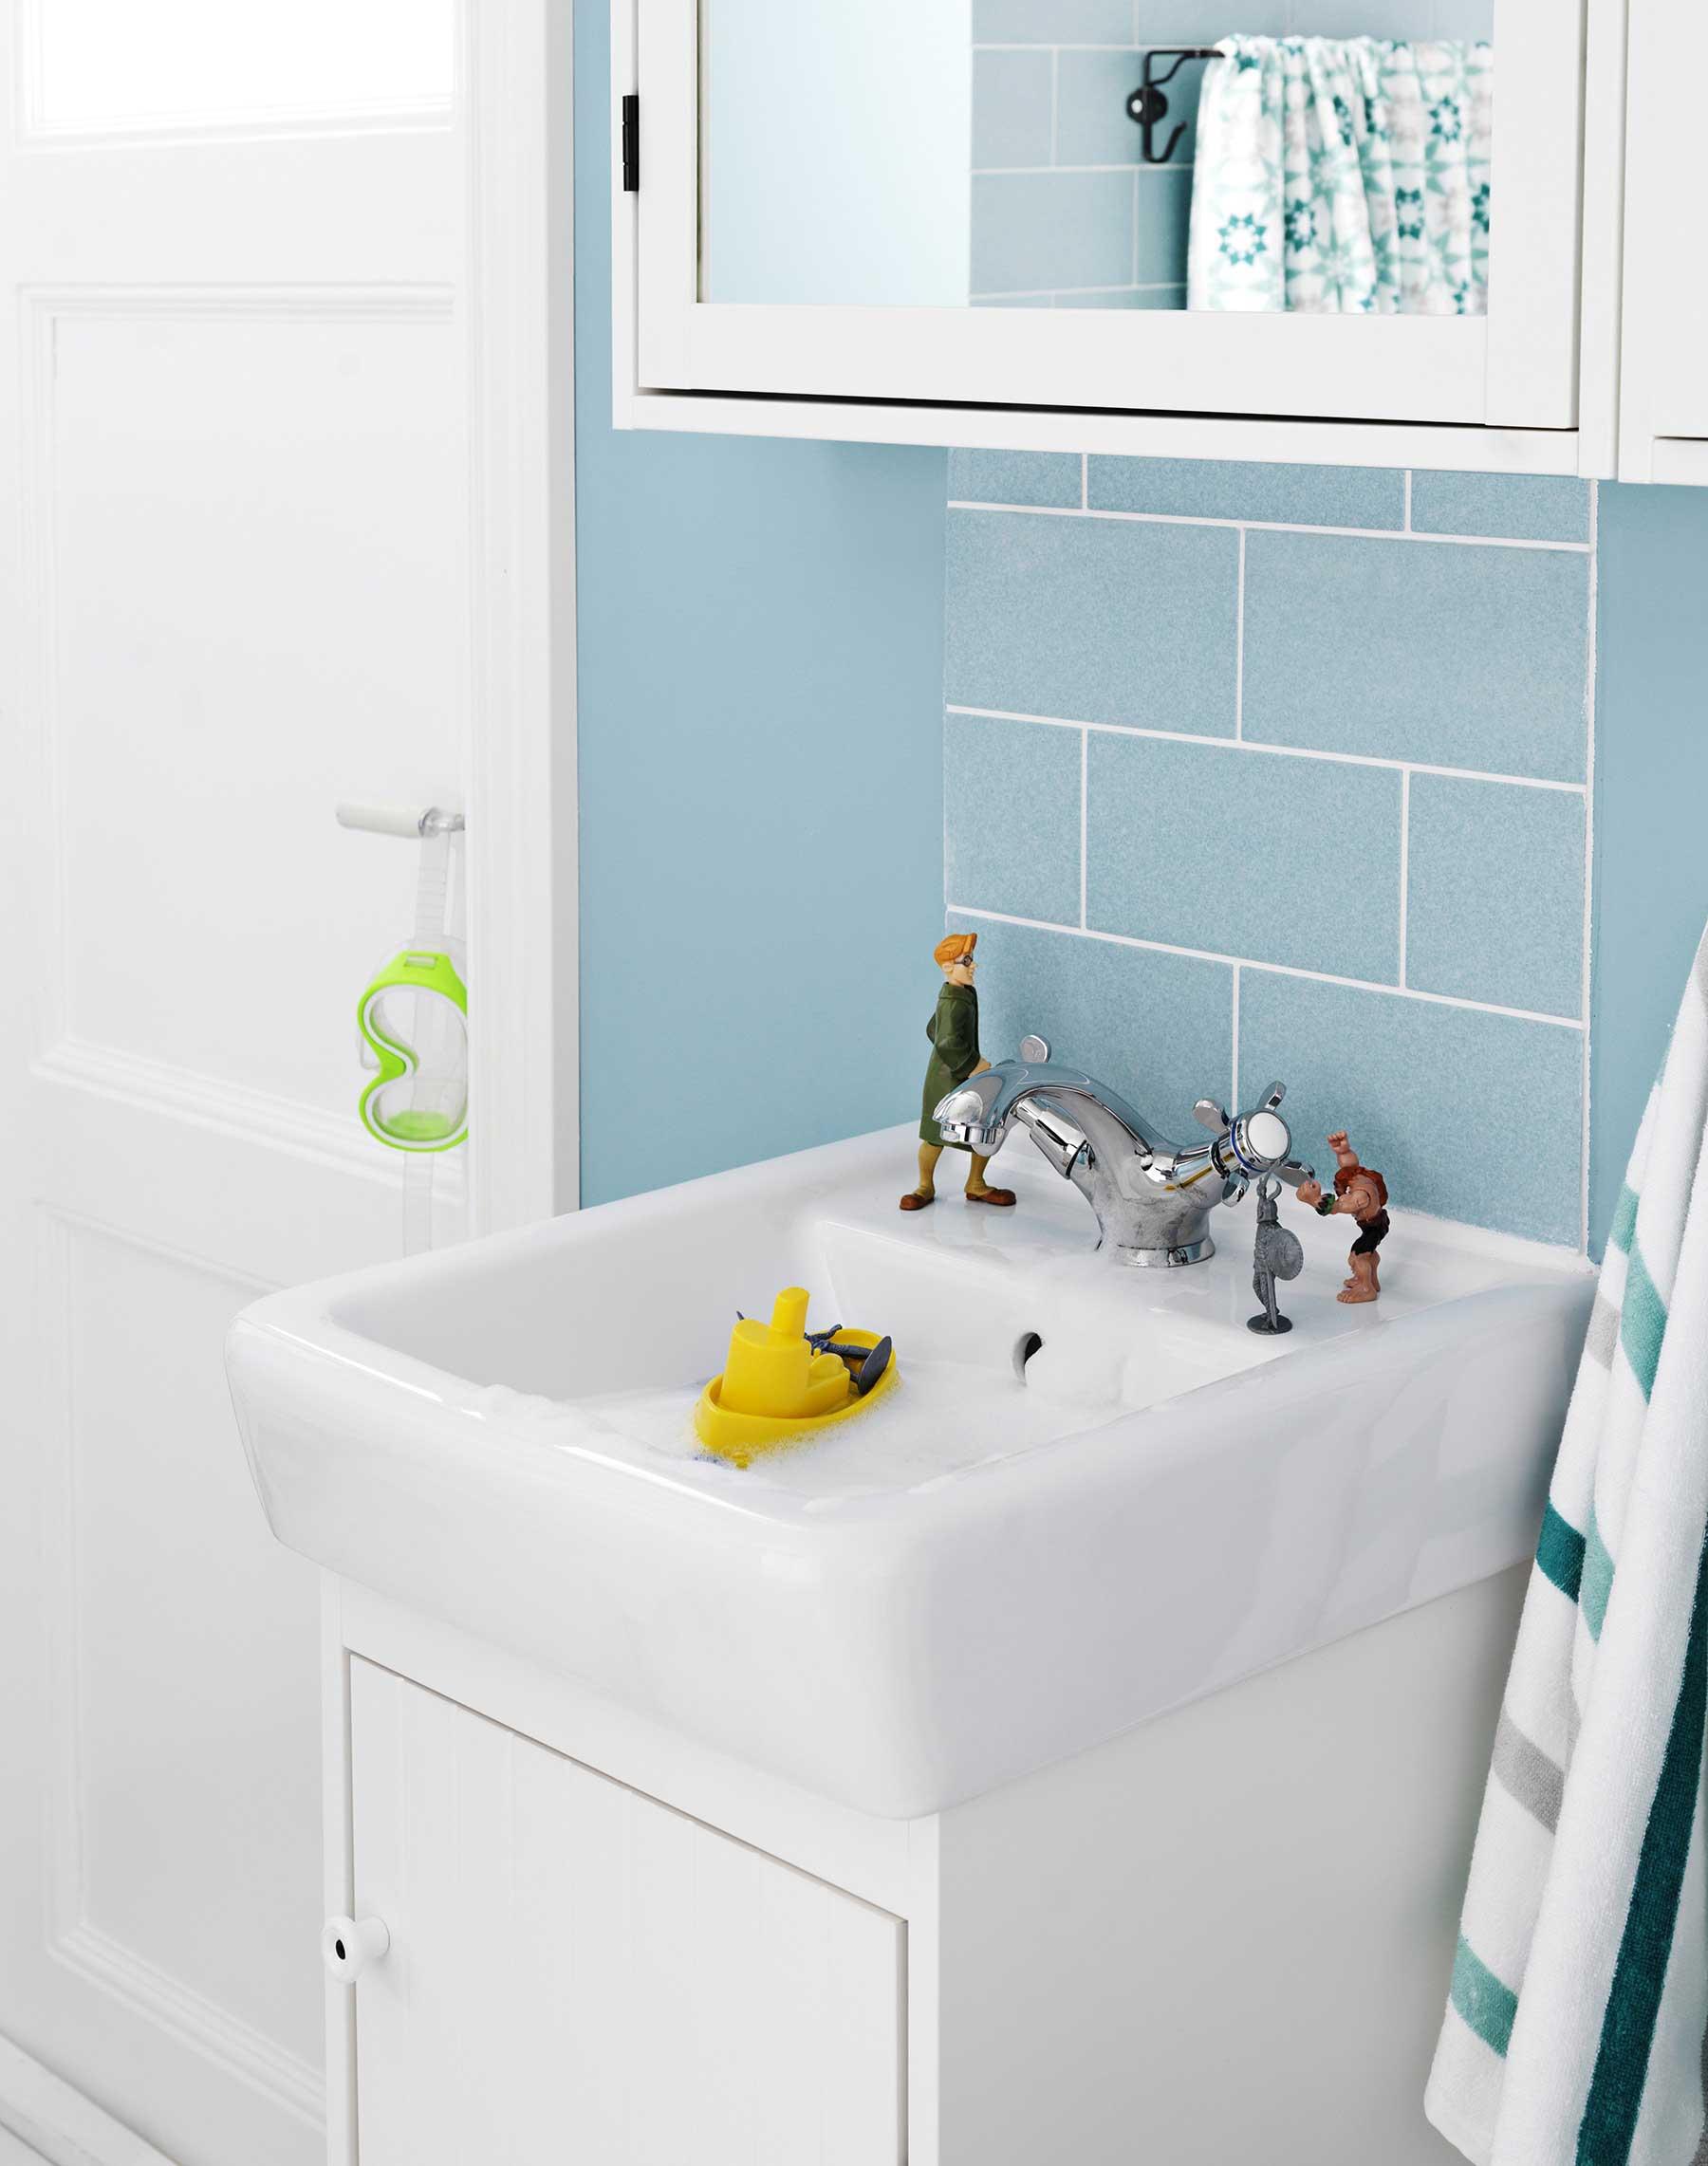 Salle de bains ikea for Mobilier salle de bain ikea